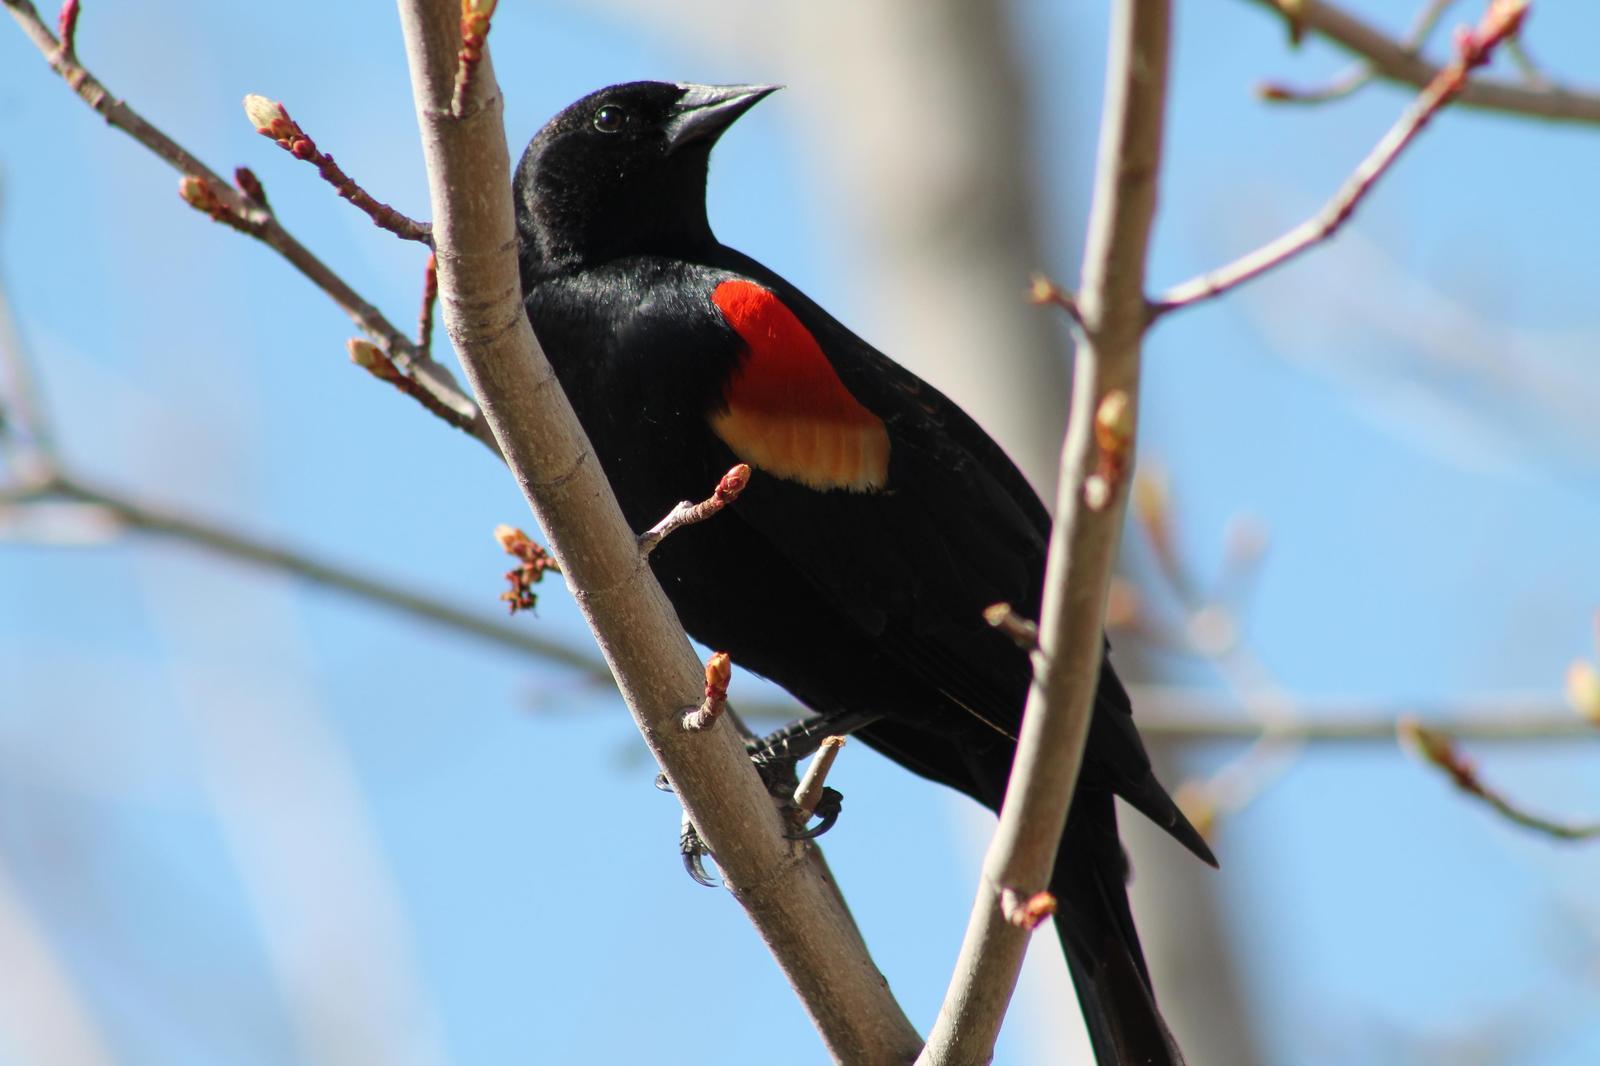 Red-winged Blackbird Photo by Lorraine Lanning